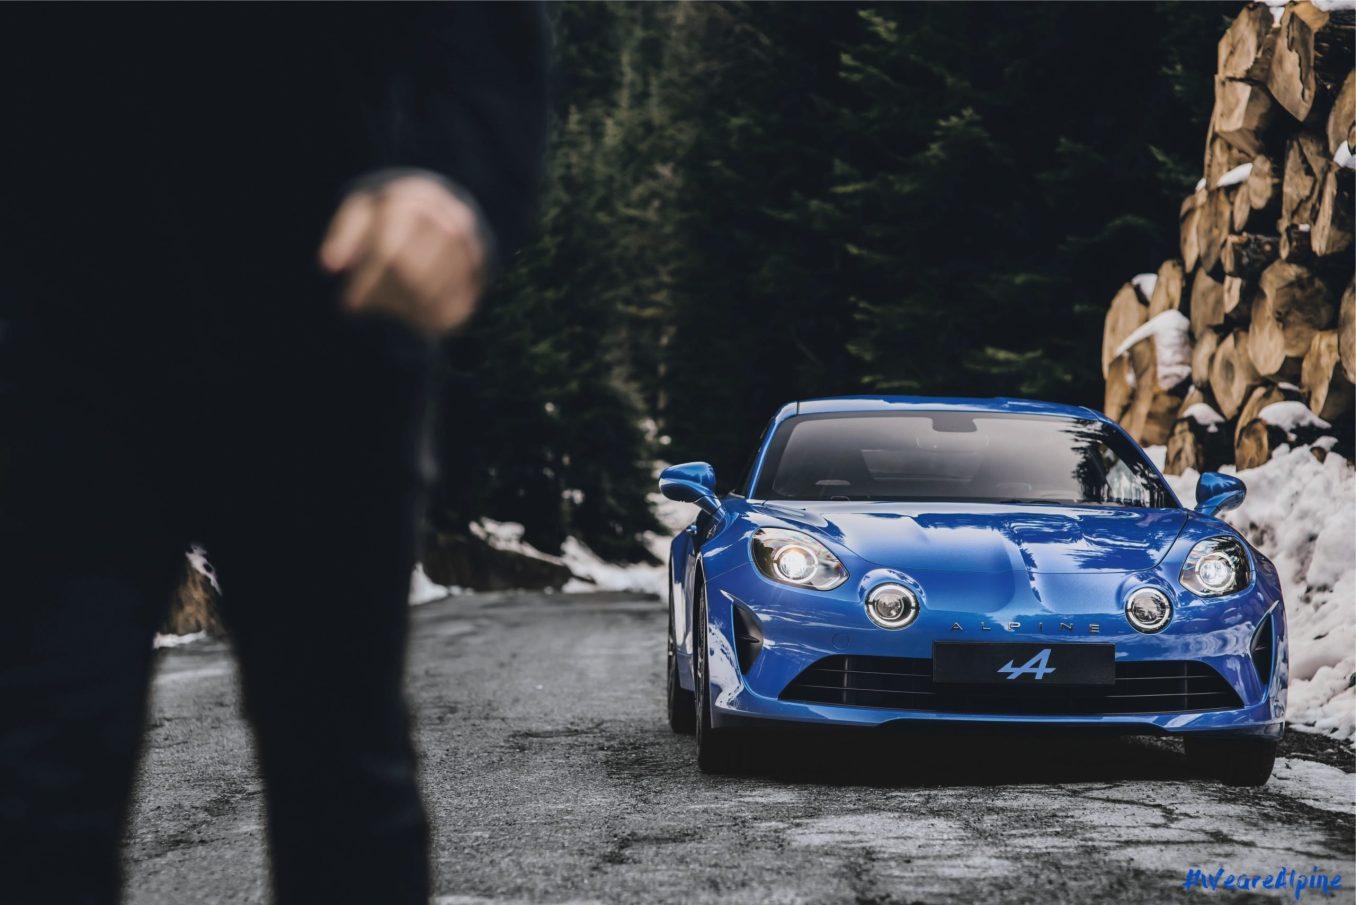 Genève 2017 Alpine A110 Premiere edition officielle 3 imp scaled | Salon de Genève 2017, toutes les informations officielles de l'Alpine A110 !